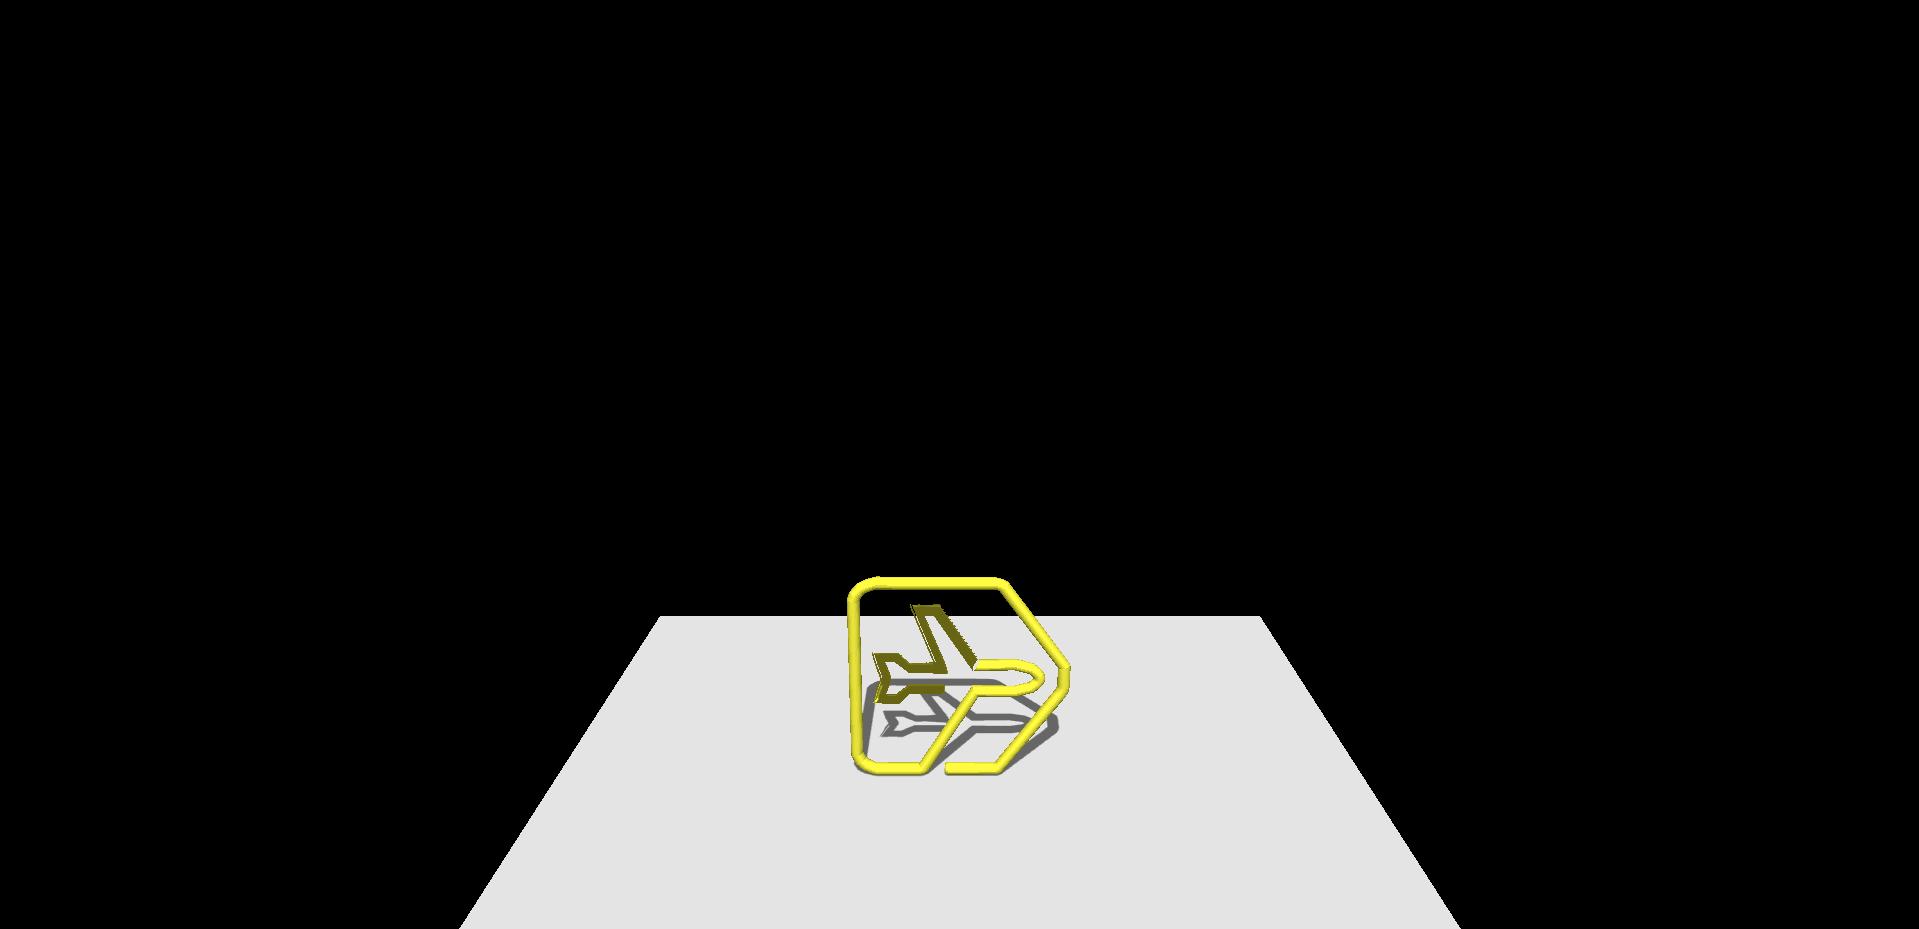 Einfache Three.js Szene